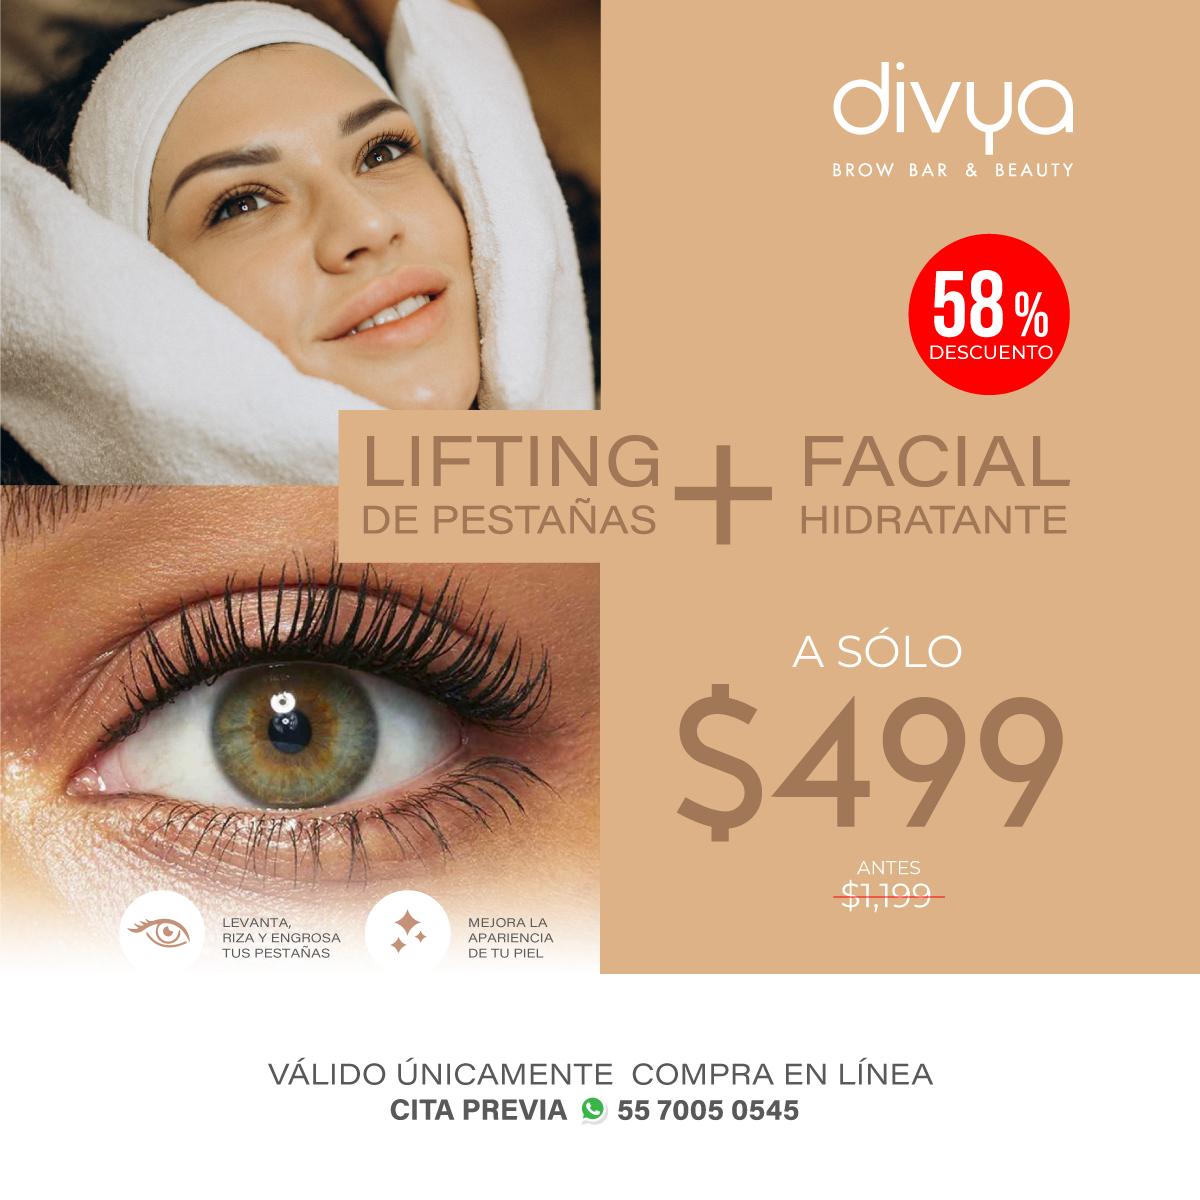 Lifting de Pestañas + Facial Hidratante- SÓLO FORUM BUENAVISTA&w=900&h=900&fit=crop